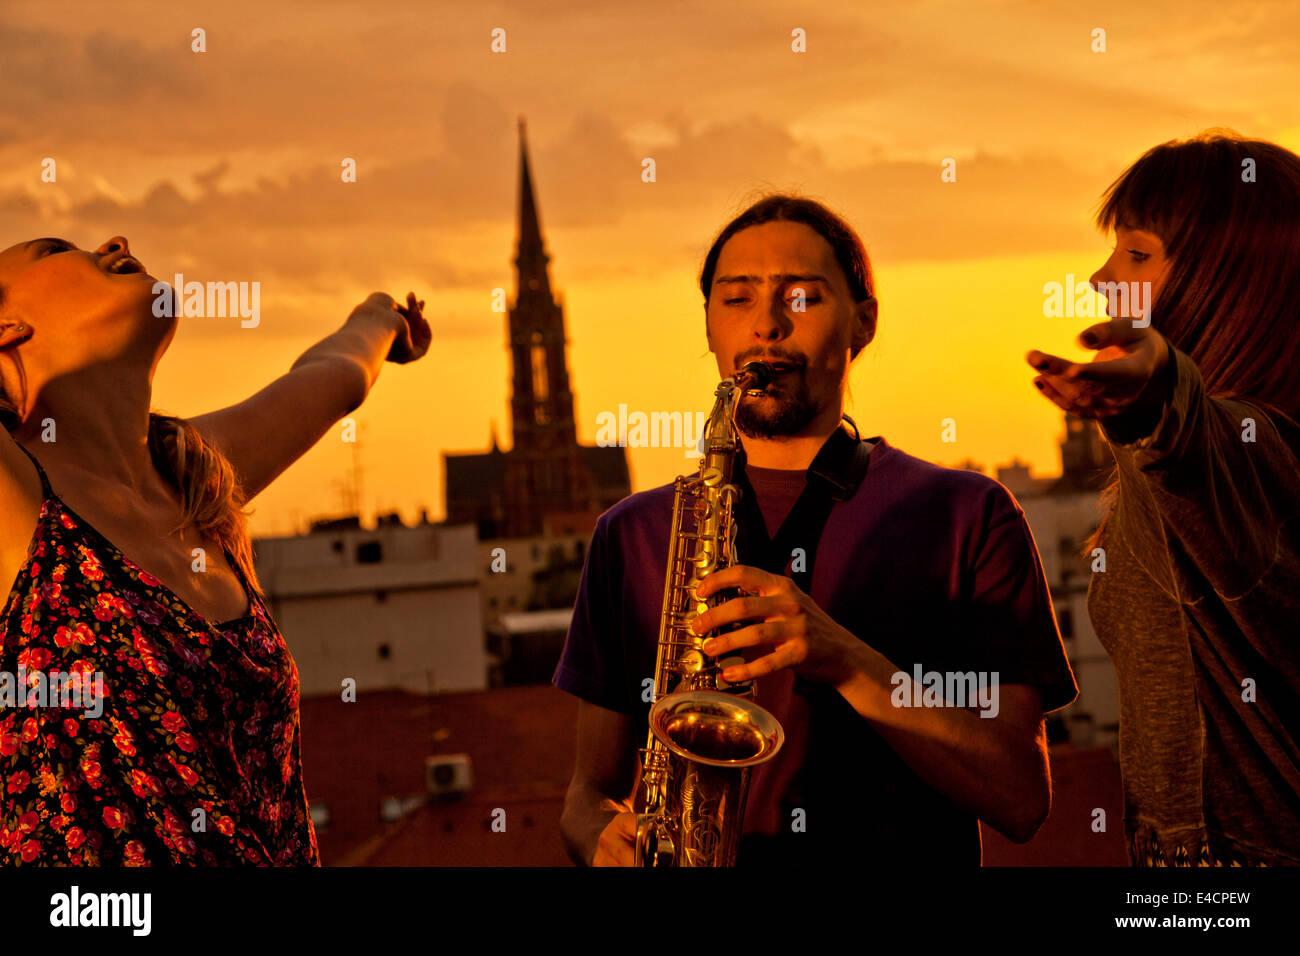 Young man playing the saxophone at sunset, Osijek, Croatia - Stock Image